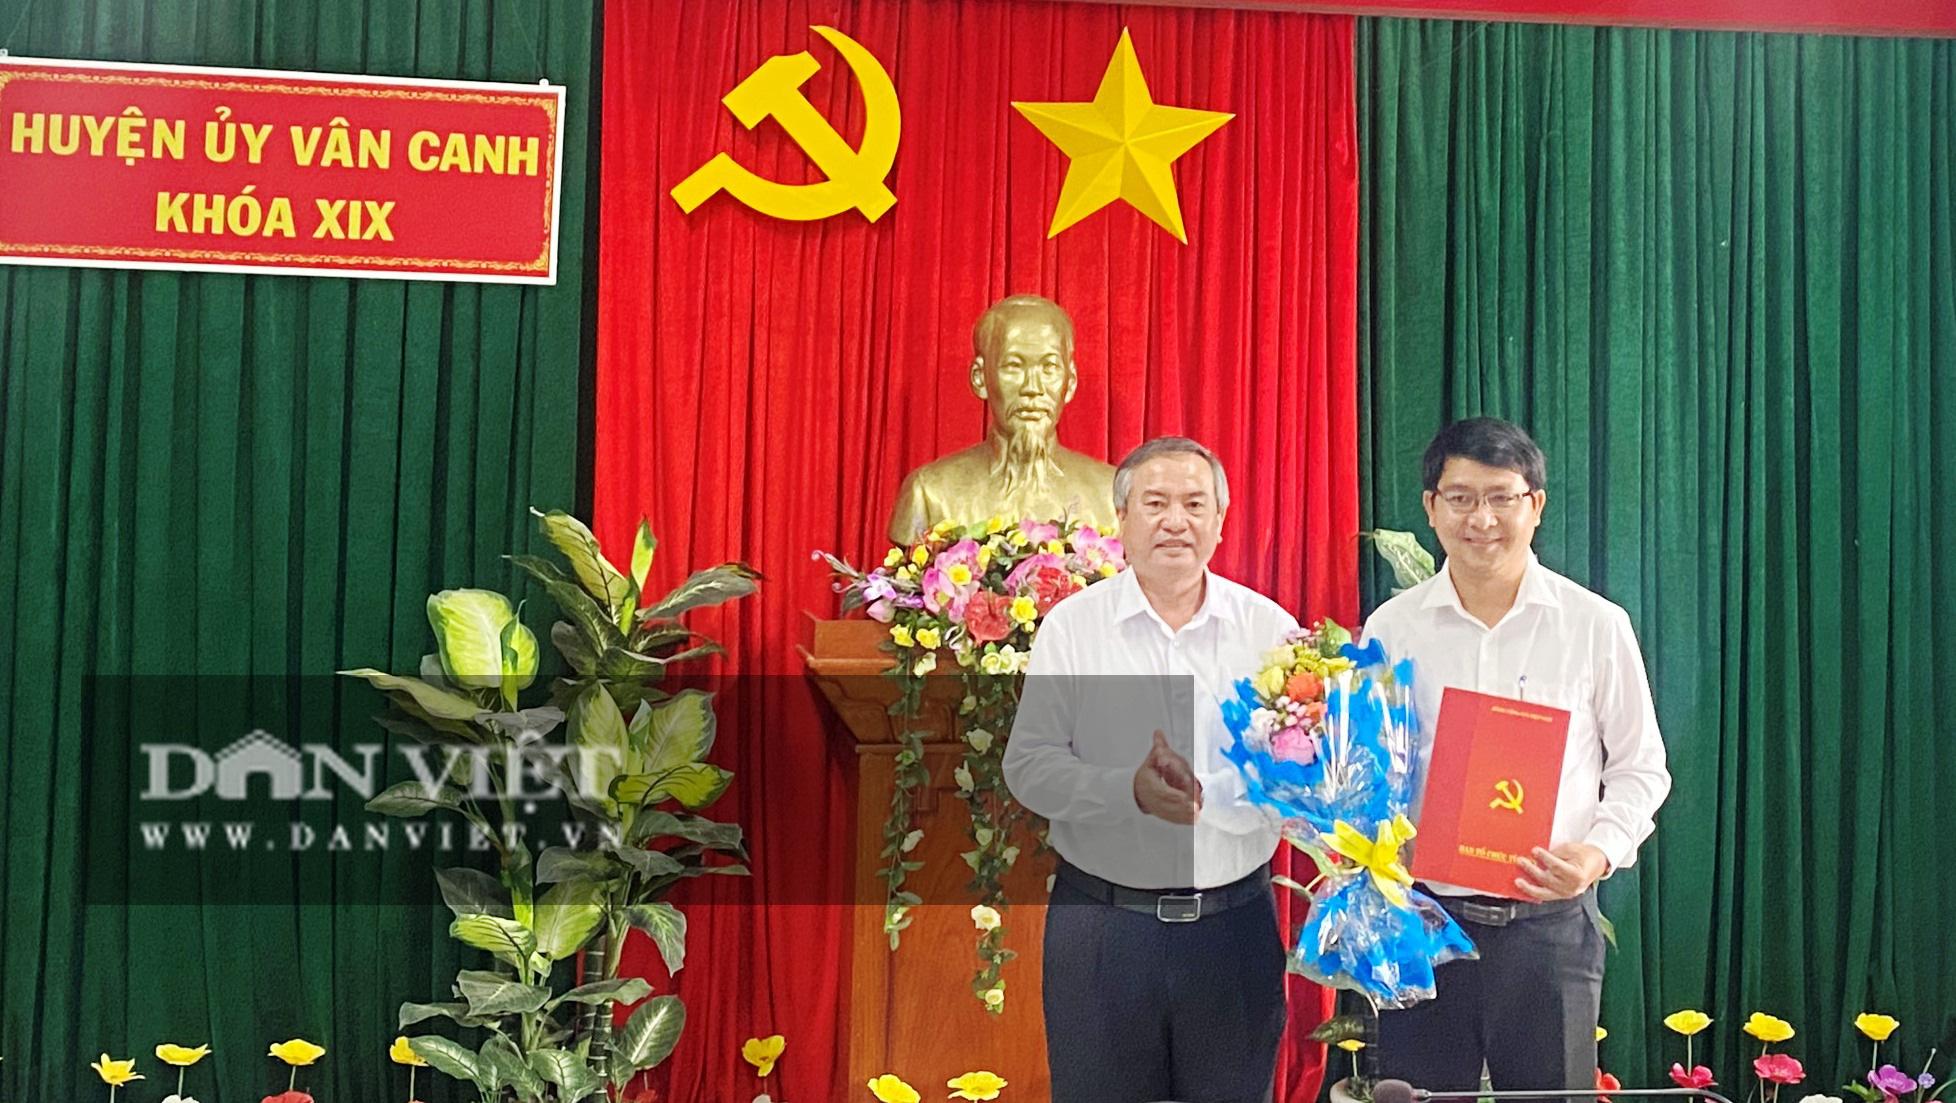 Giới thiệu Phó Bí thư Tỉnh đoàn Bình Định bầu làm Chủ tịch huyện - Ảnh 2.